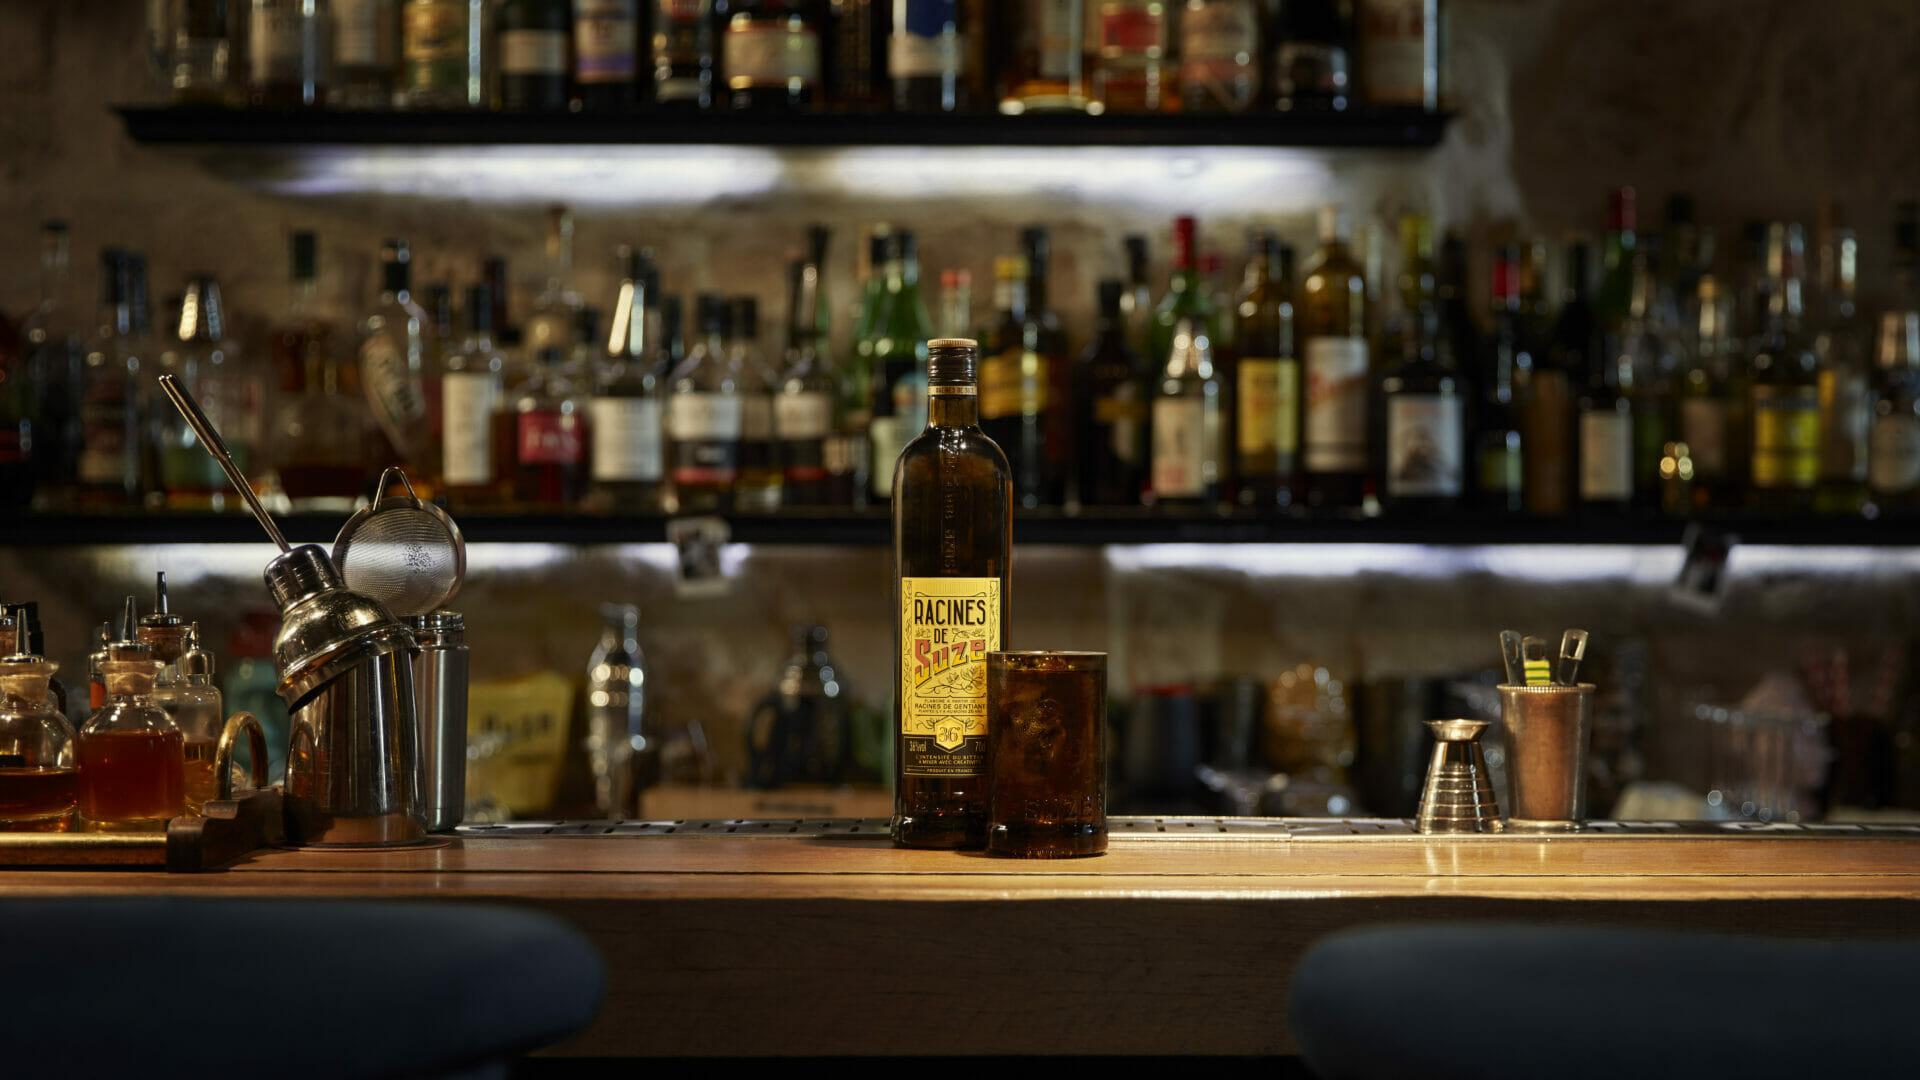 Racines de Suze Pernod Ricard Bitter